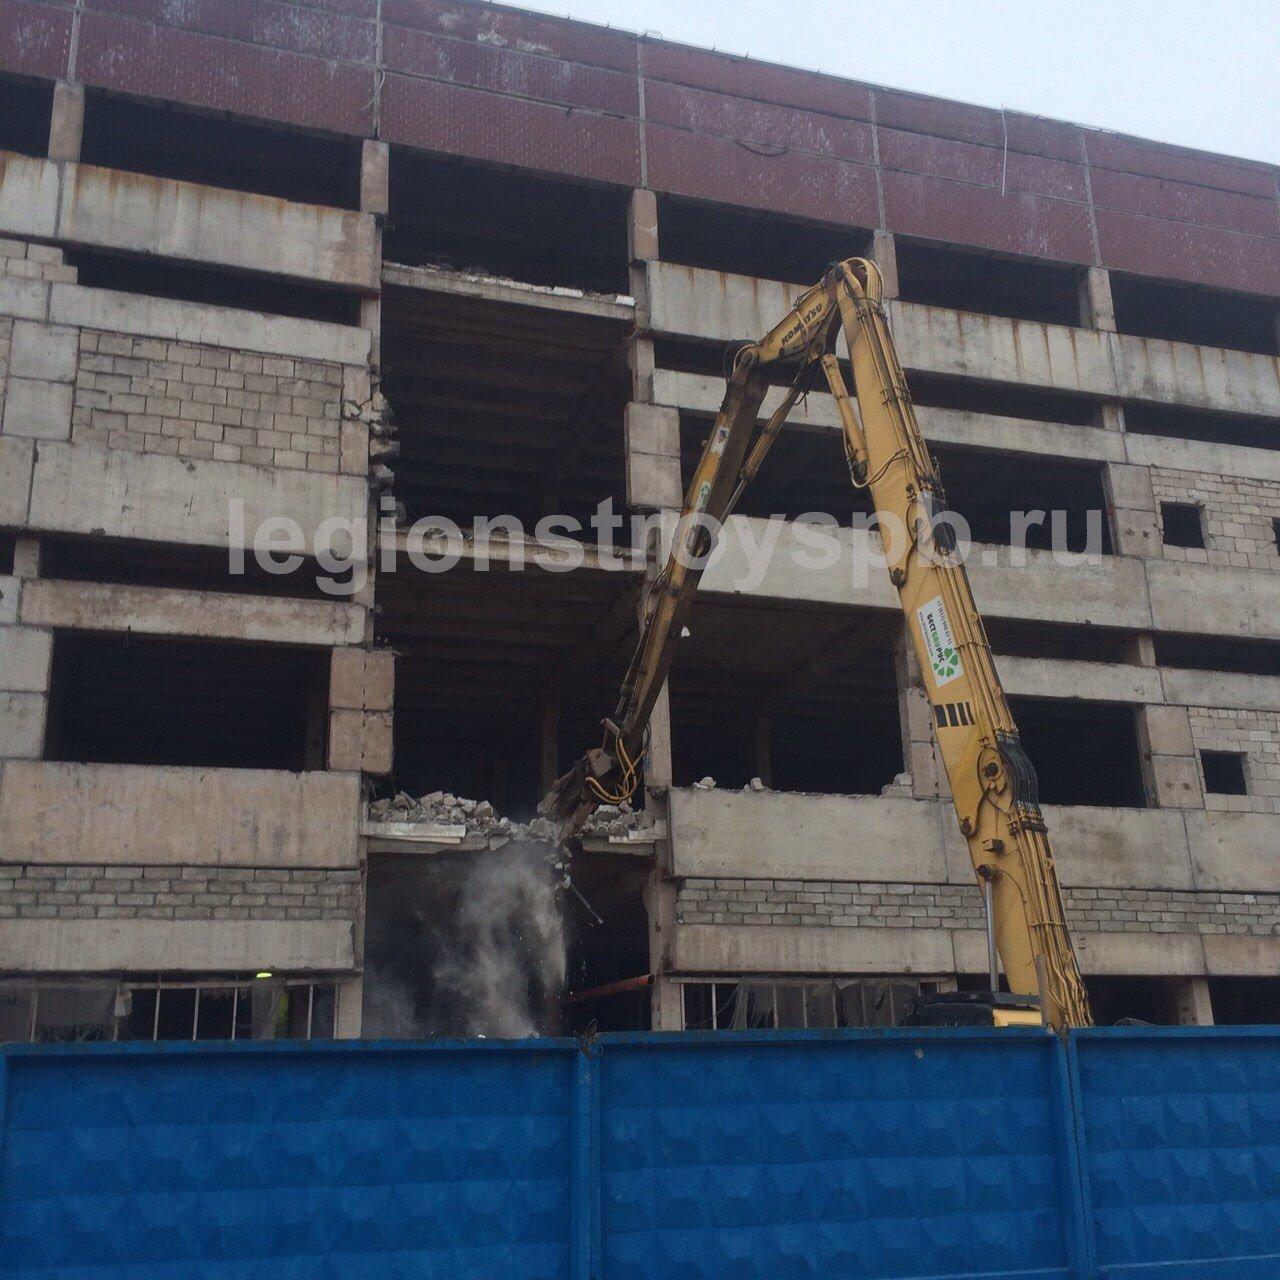 Расценки на демонтаж плит перекрытия ульяновск